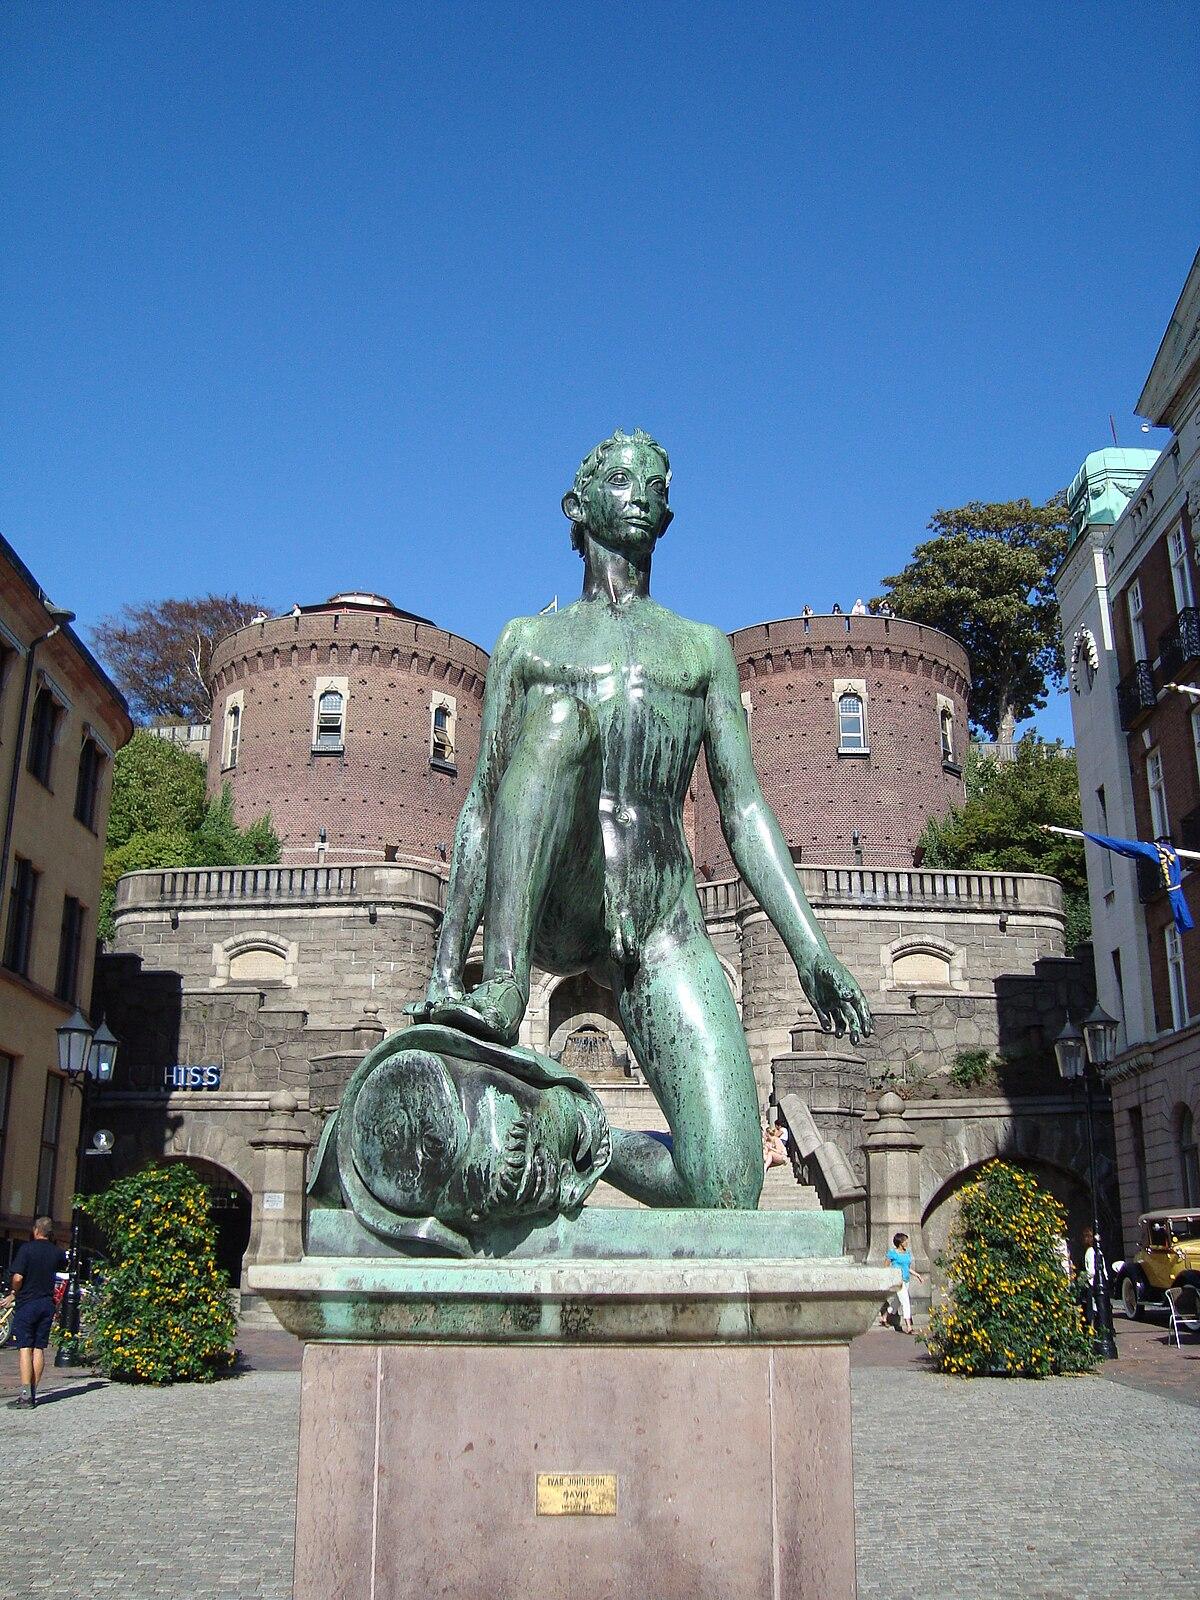 Fil:David, Helsingborg.jpg – Wikipedia